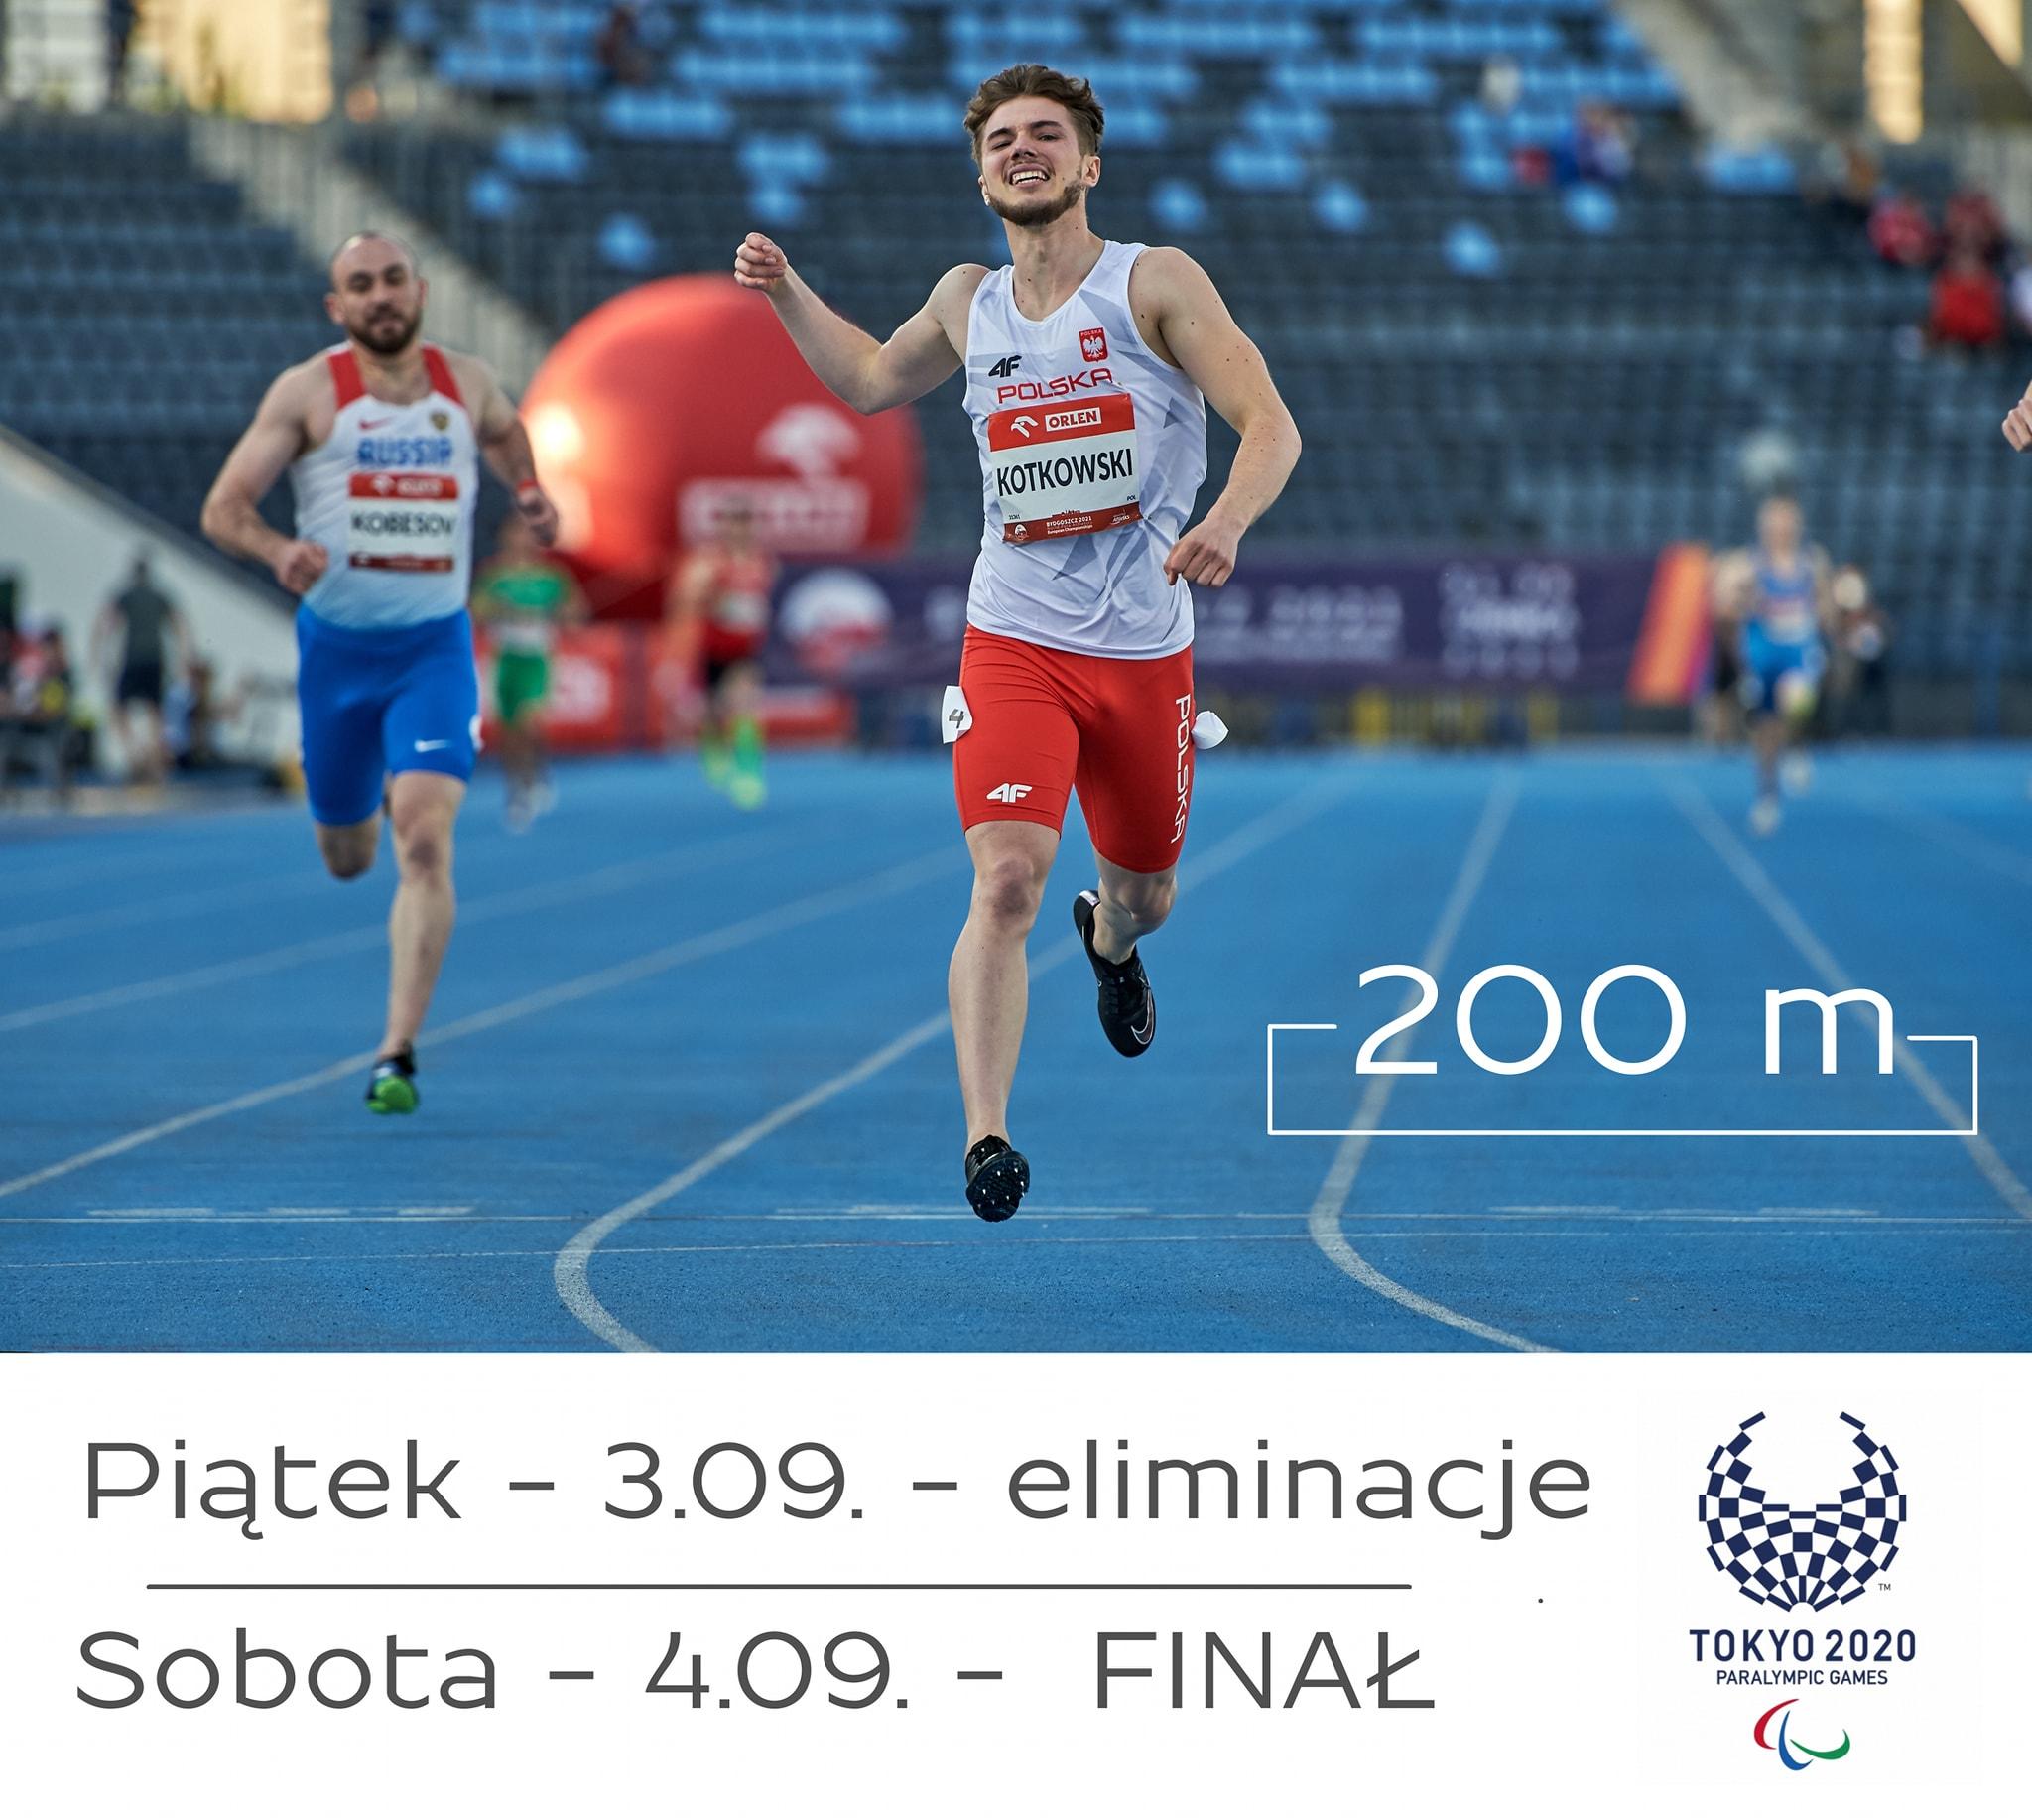 Jutro 2️⃣0️⃣0️⃣m Michała na stadionie olimpijskim 1 - Start Poznań